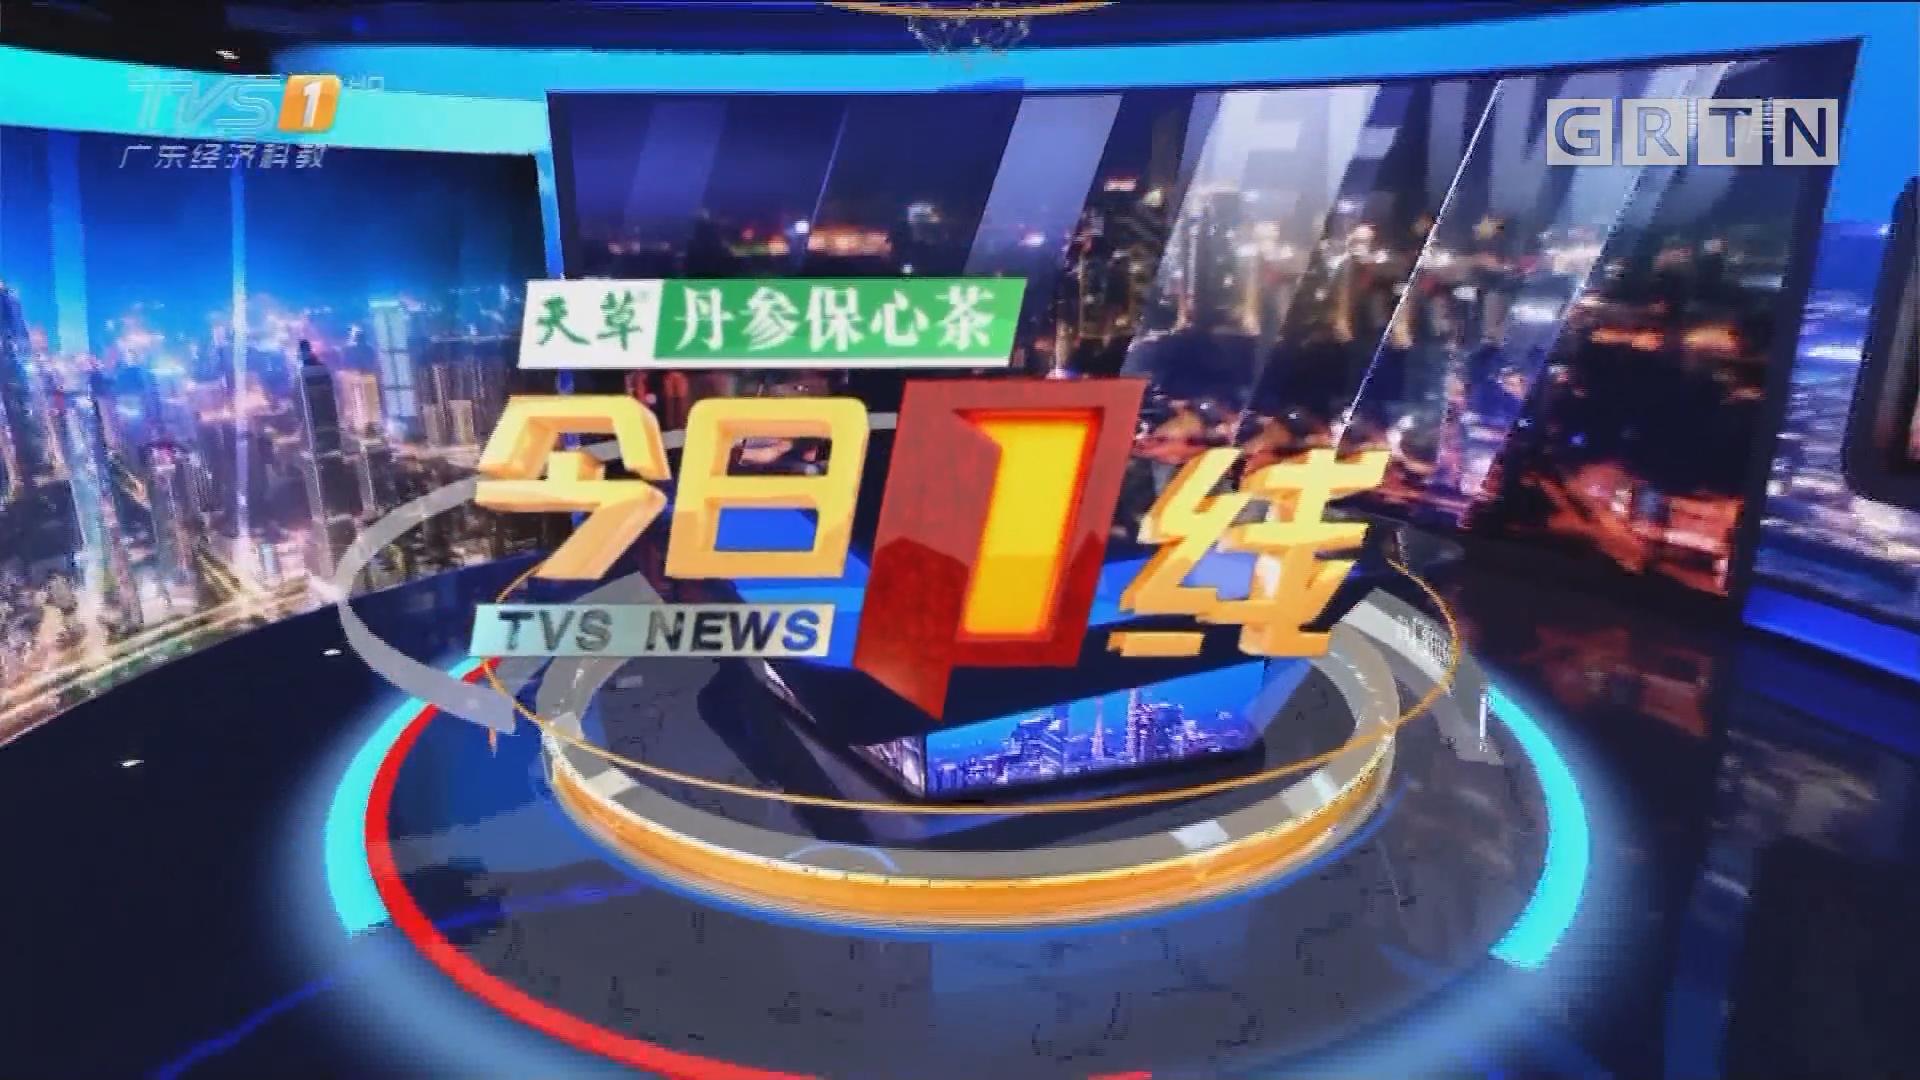 [HD][2019-04-12]今日一线:深圳:多名工人被困下水道 多部门通宵搜救